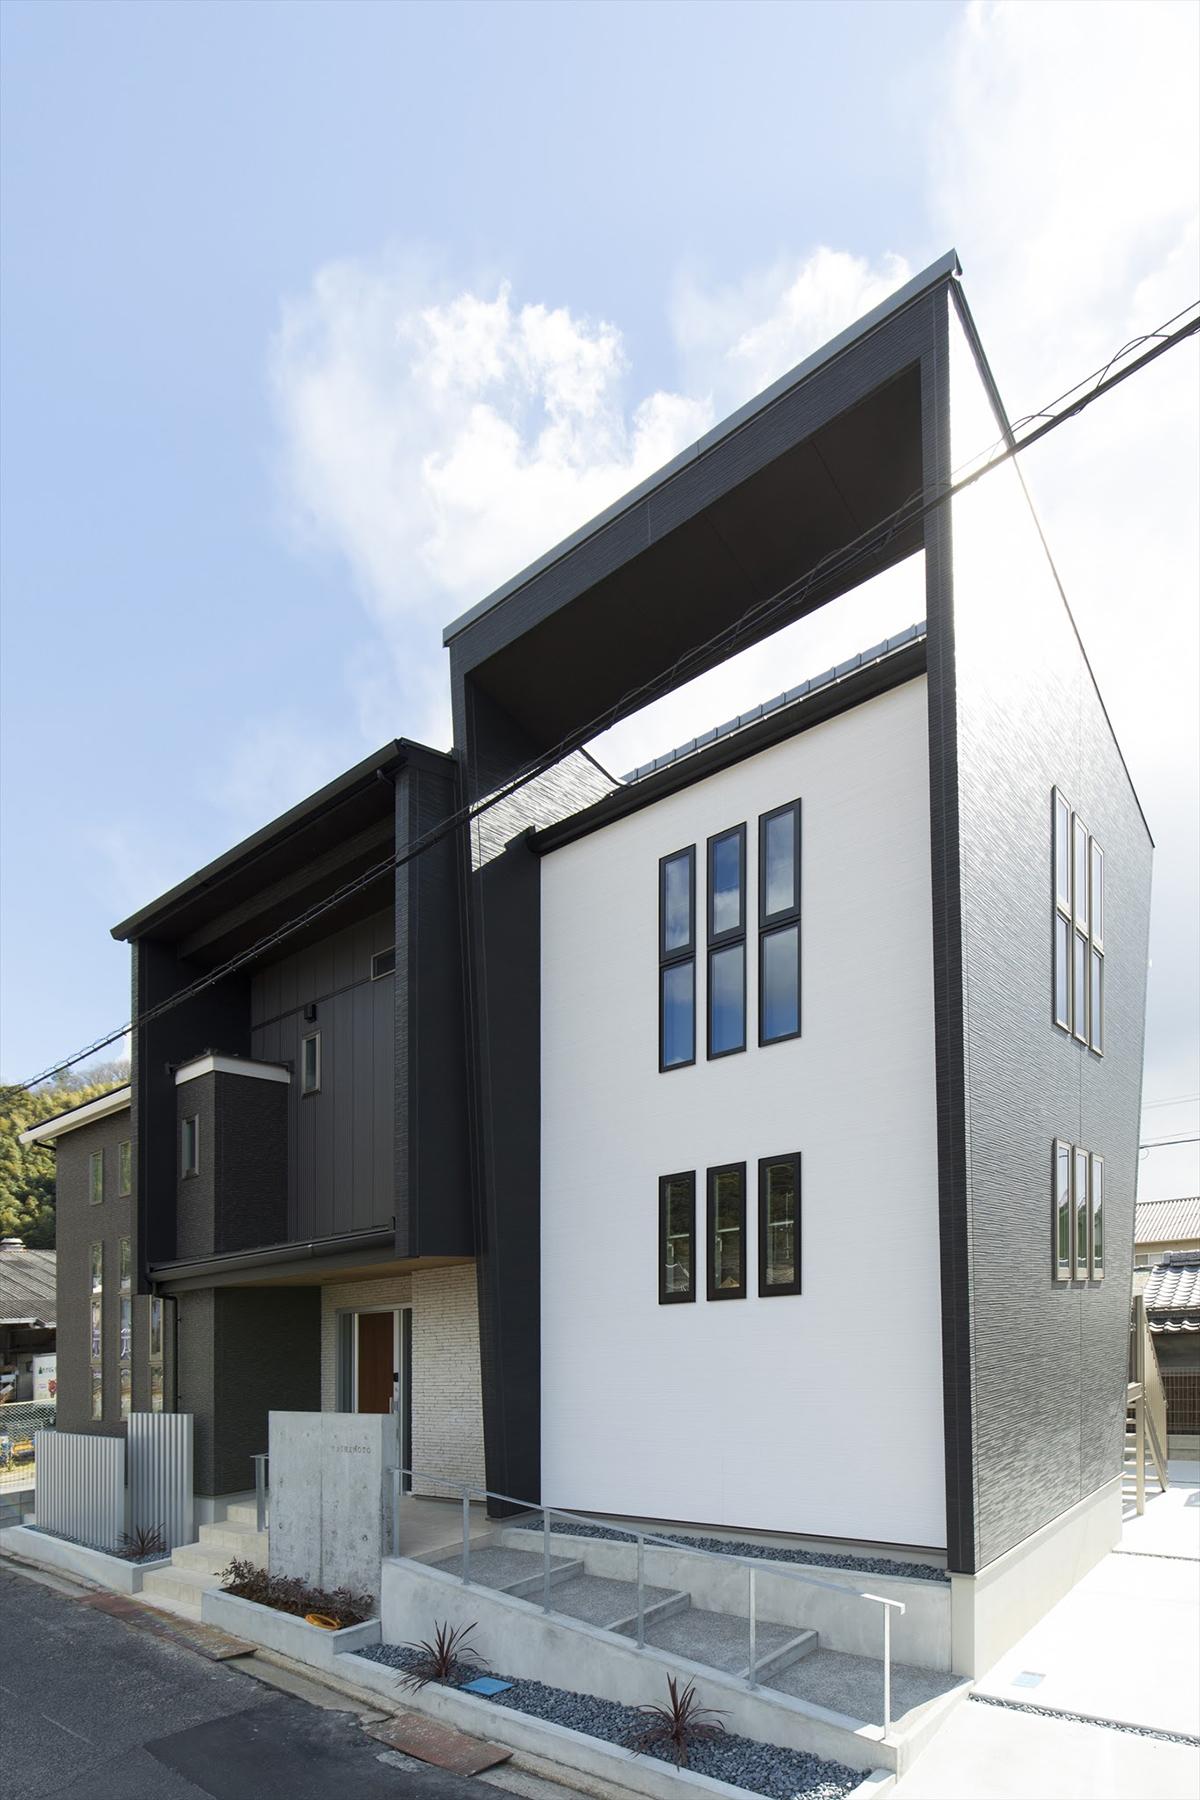 建物に斜線を取り入れることで、見る角度によって表情を変えるスタイリッシュなデザイン。